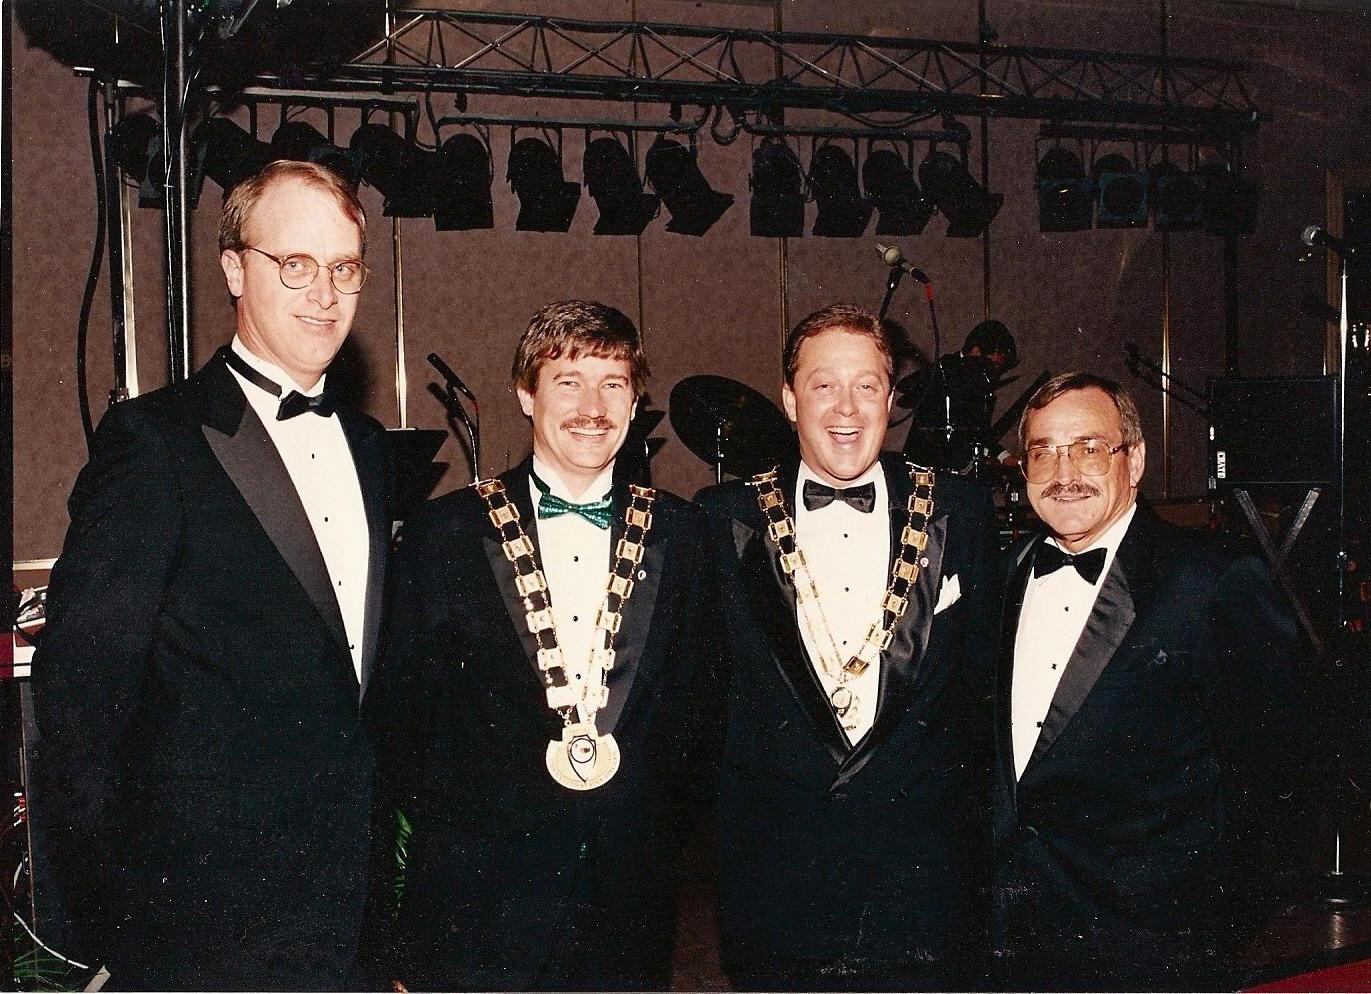 National Advisor Madsen, USJCC President Russell, JCI President Dawkins, JCI Advisor Pridgen